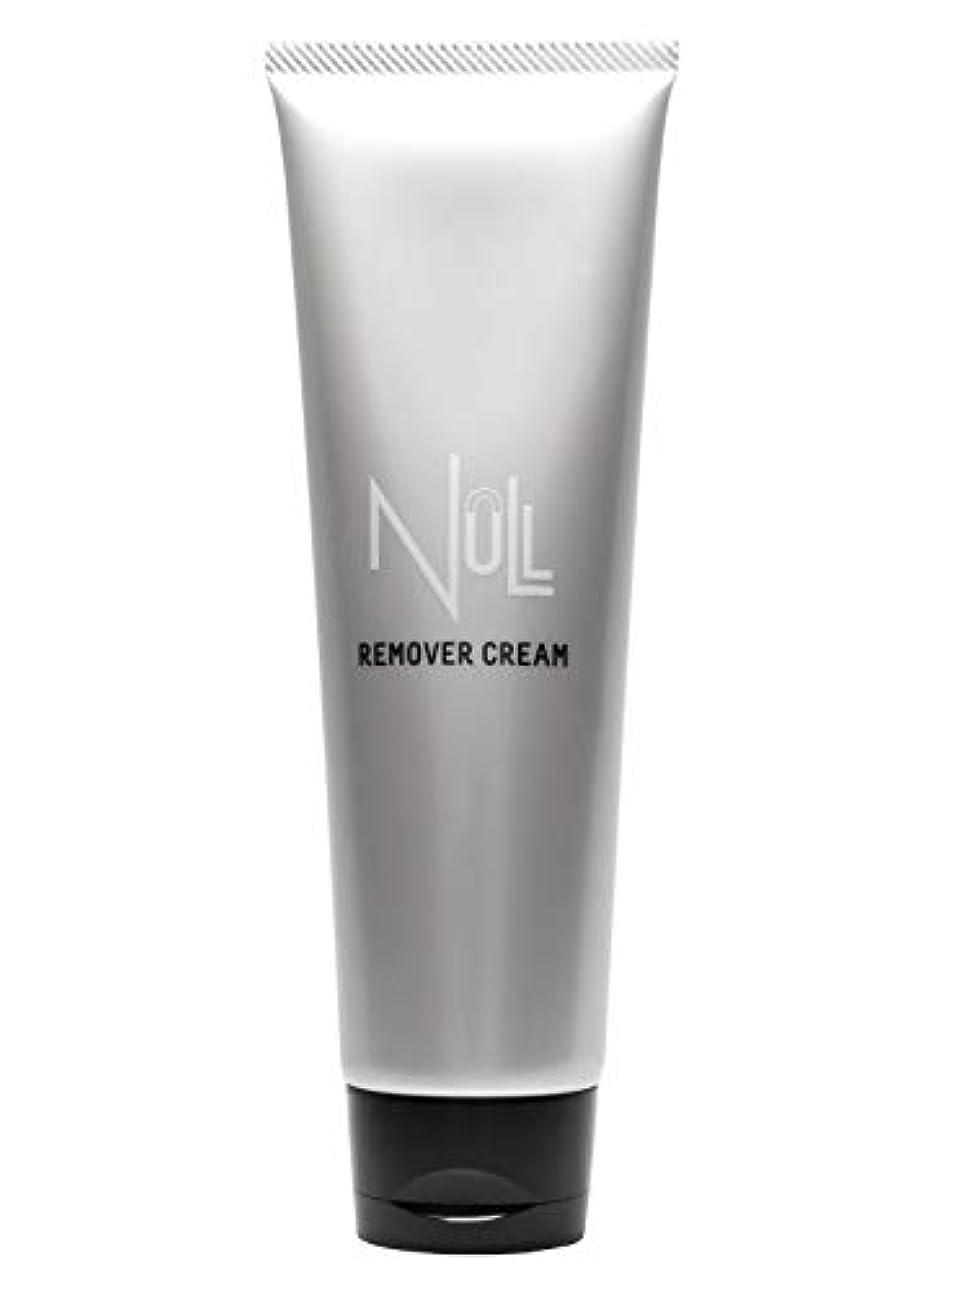 にシュート消化器NULL 薬用リムーバークリーム 除毛クリーム メンズ 200g [ 陰部 / アンダーヘア / Vライン / ボディ用 ]